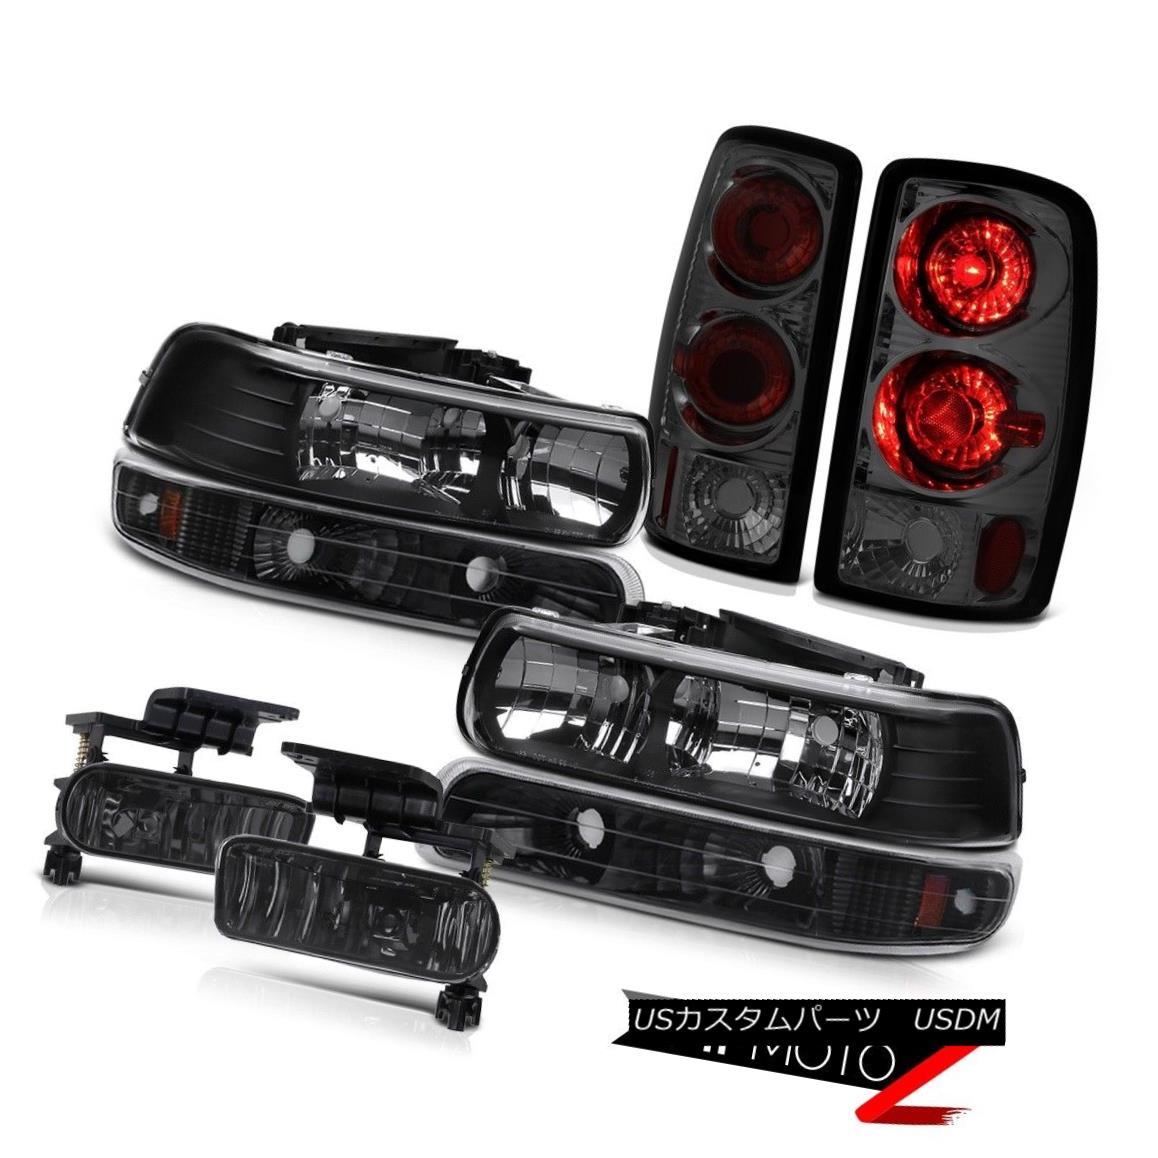 ヘッドライト Left Right Headlights Bumper Smoke Rear Brake Lights Tint Fog 2000-2006 Suburban 左右ヘッドライトバンパースモークリアブレーキライトティントフォッグ2000-2006郊外